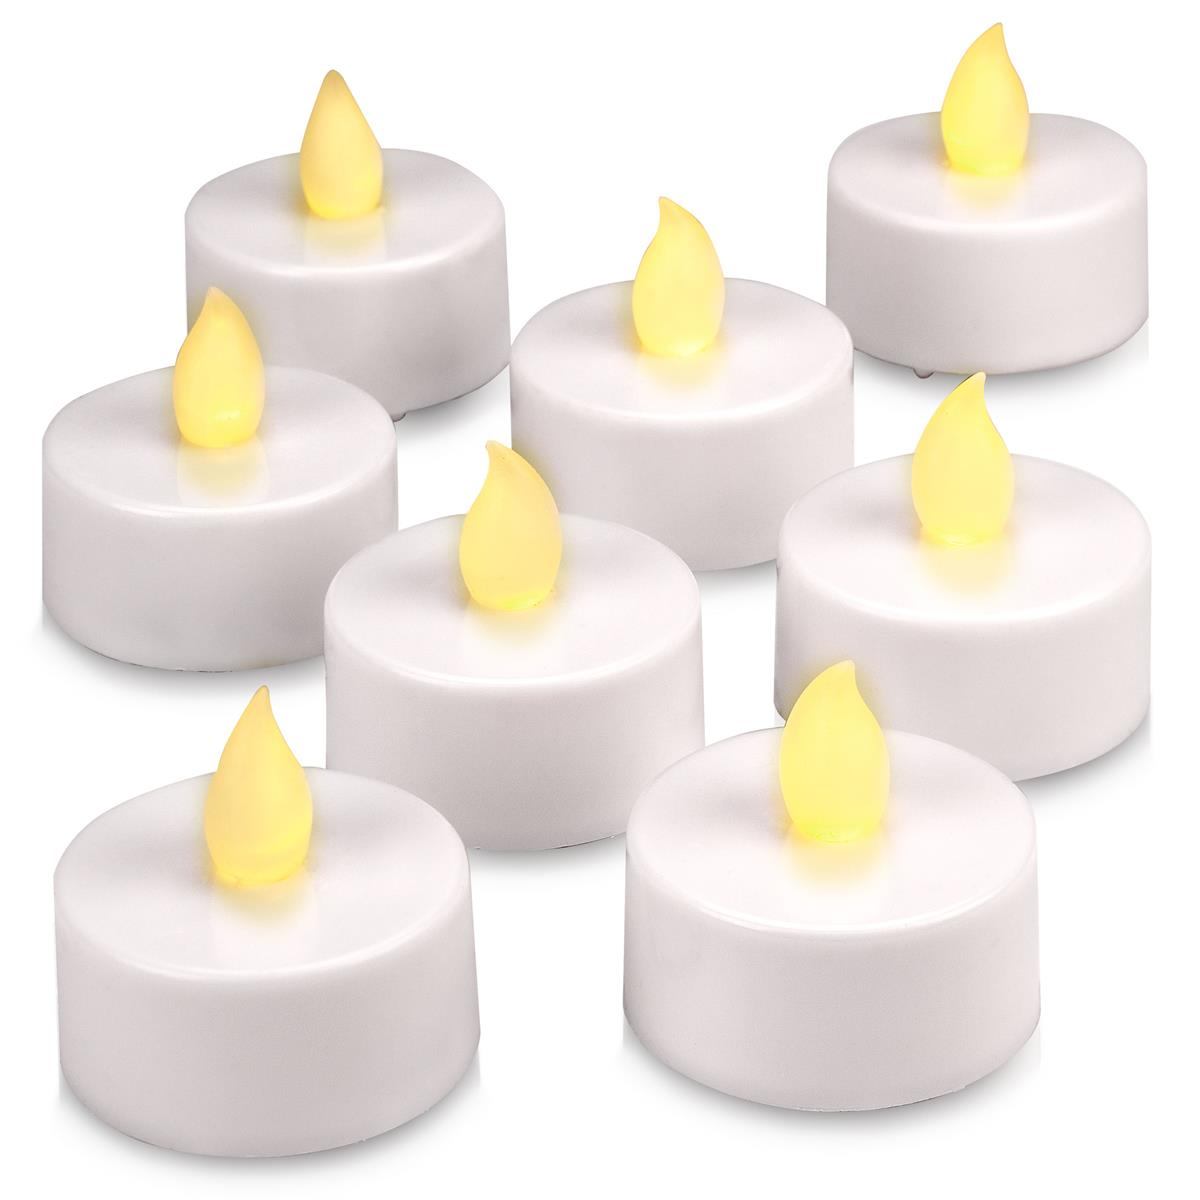 8er Set LED Teelicht weiß batteriebetrieben mit Timer Teelichtkerzen Xmas